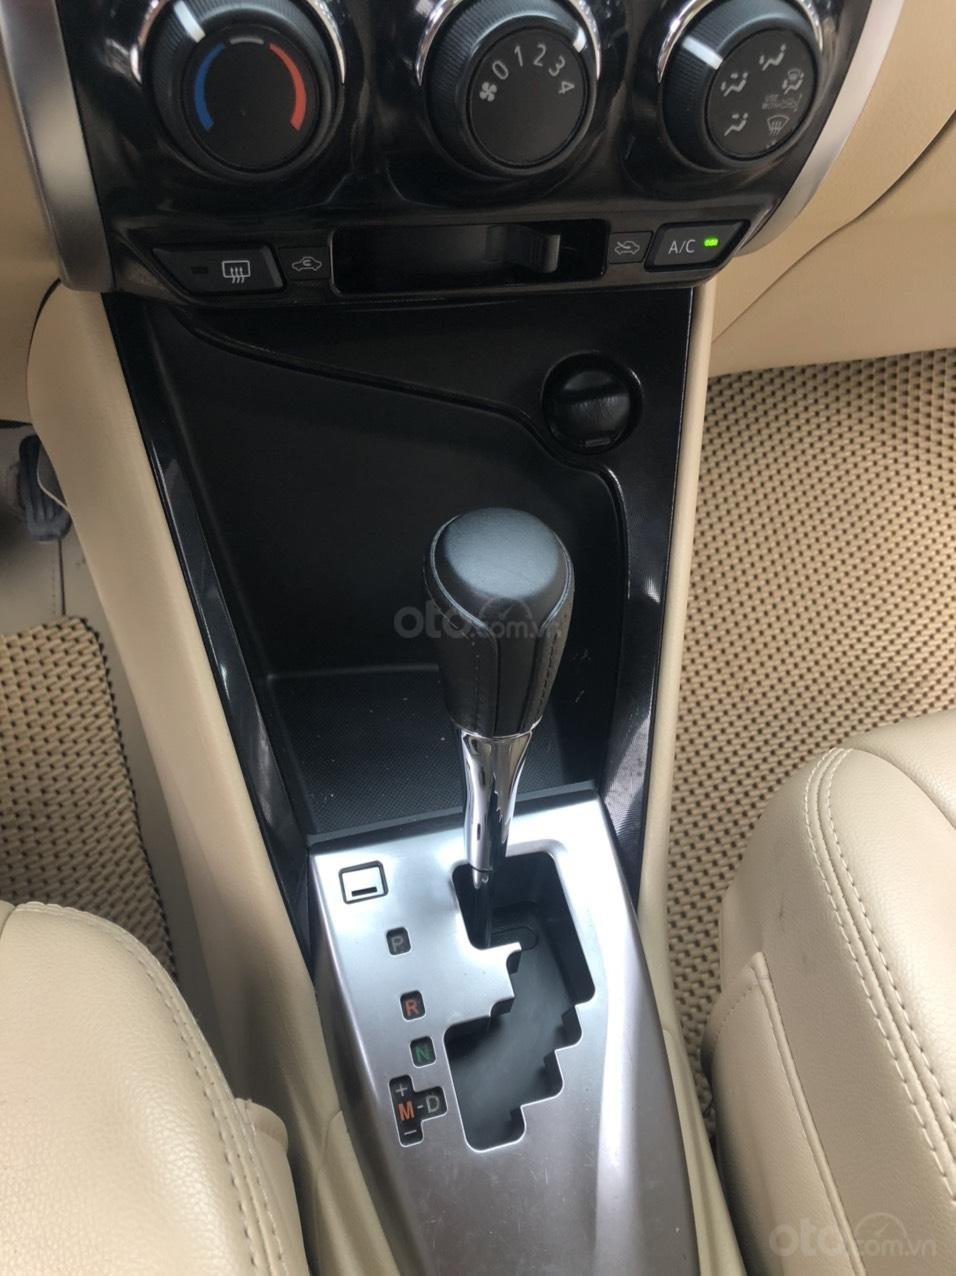 Bán nhanh Toyota Vios E AT đời 2018 màu bạc, xe chất biển TP, xe đẹp, nguyên zin không kinh doanh, chạy hơn 30000km (9)